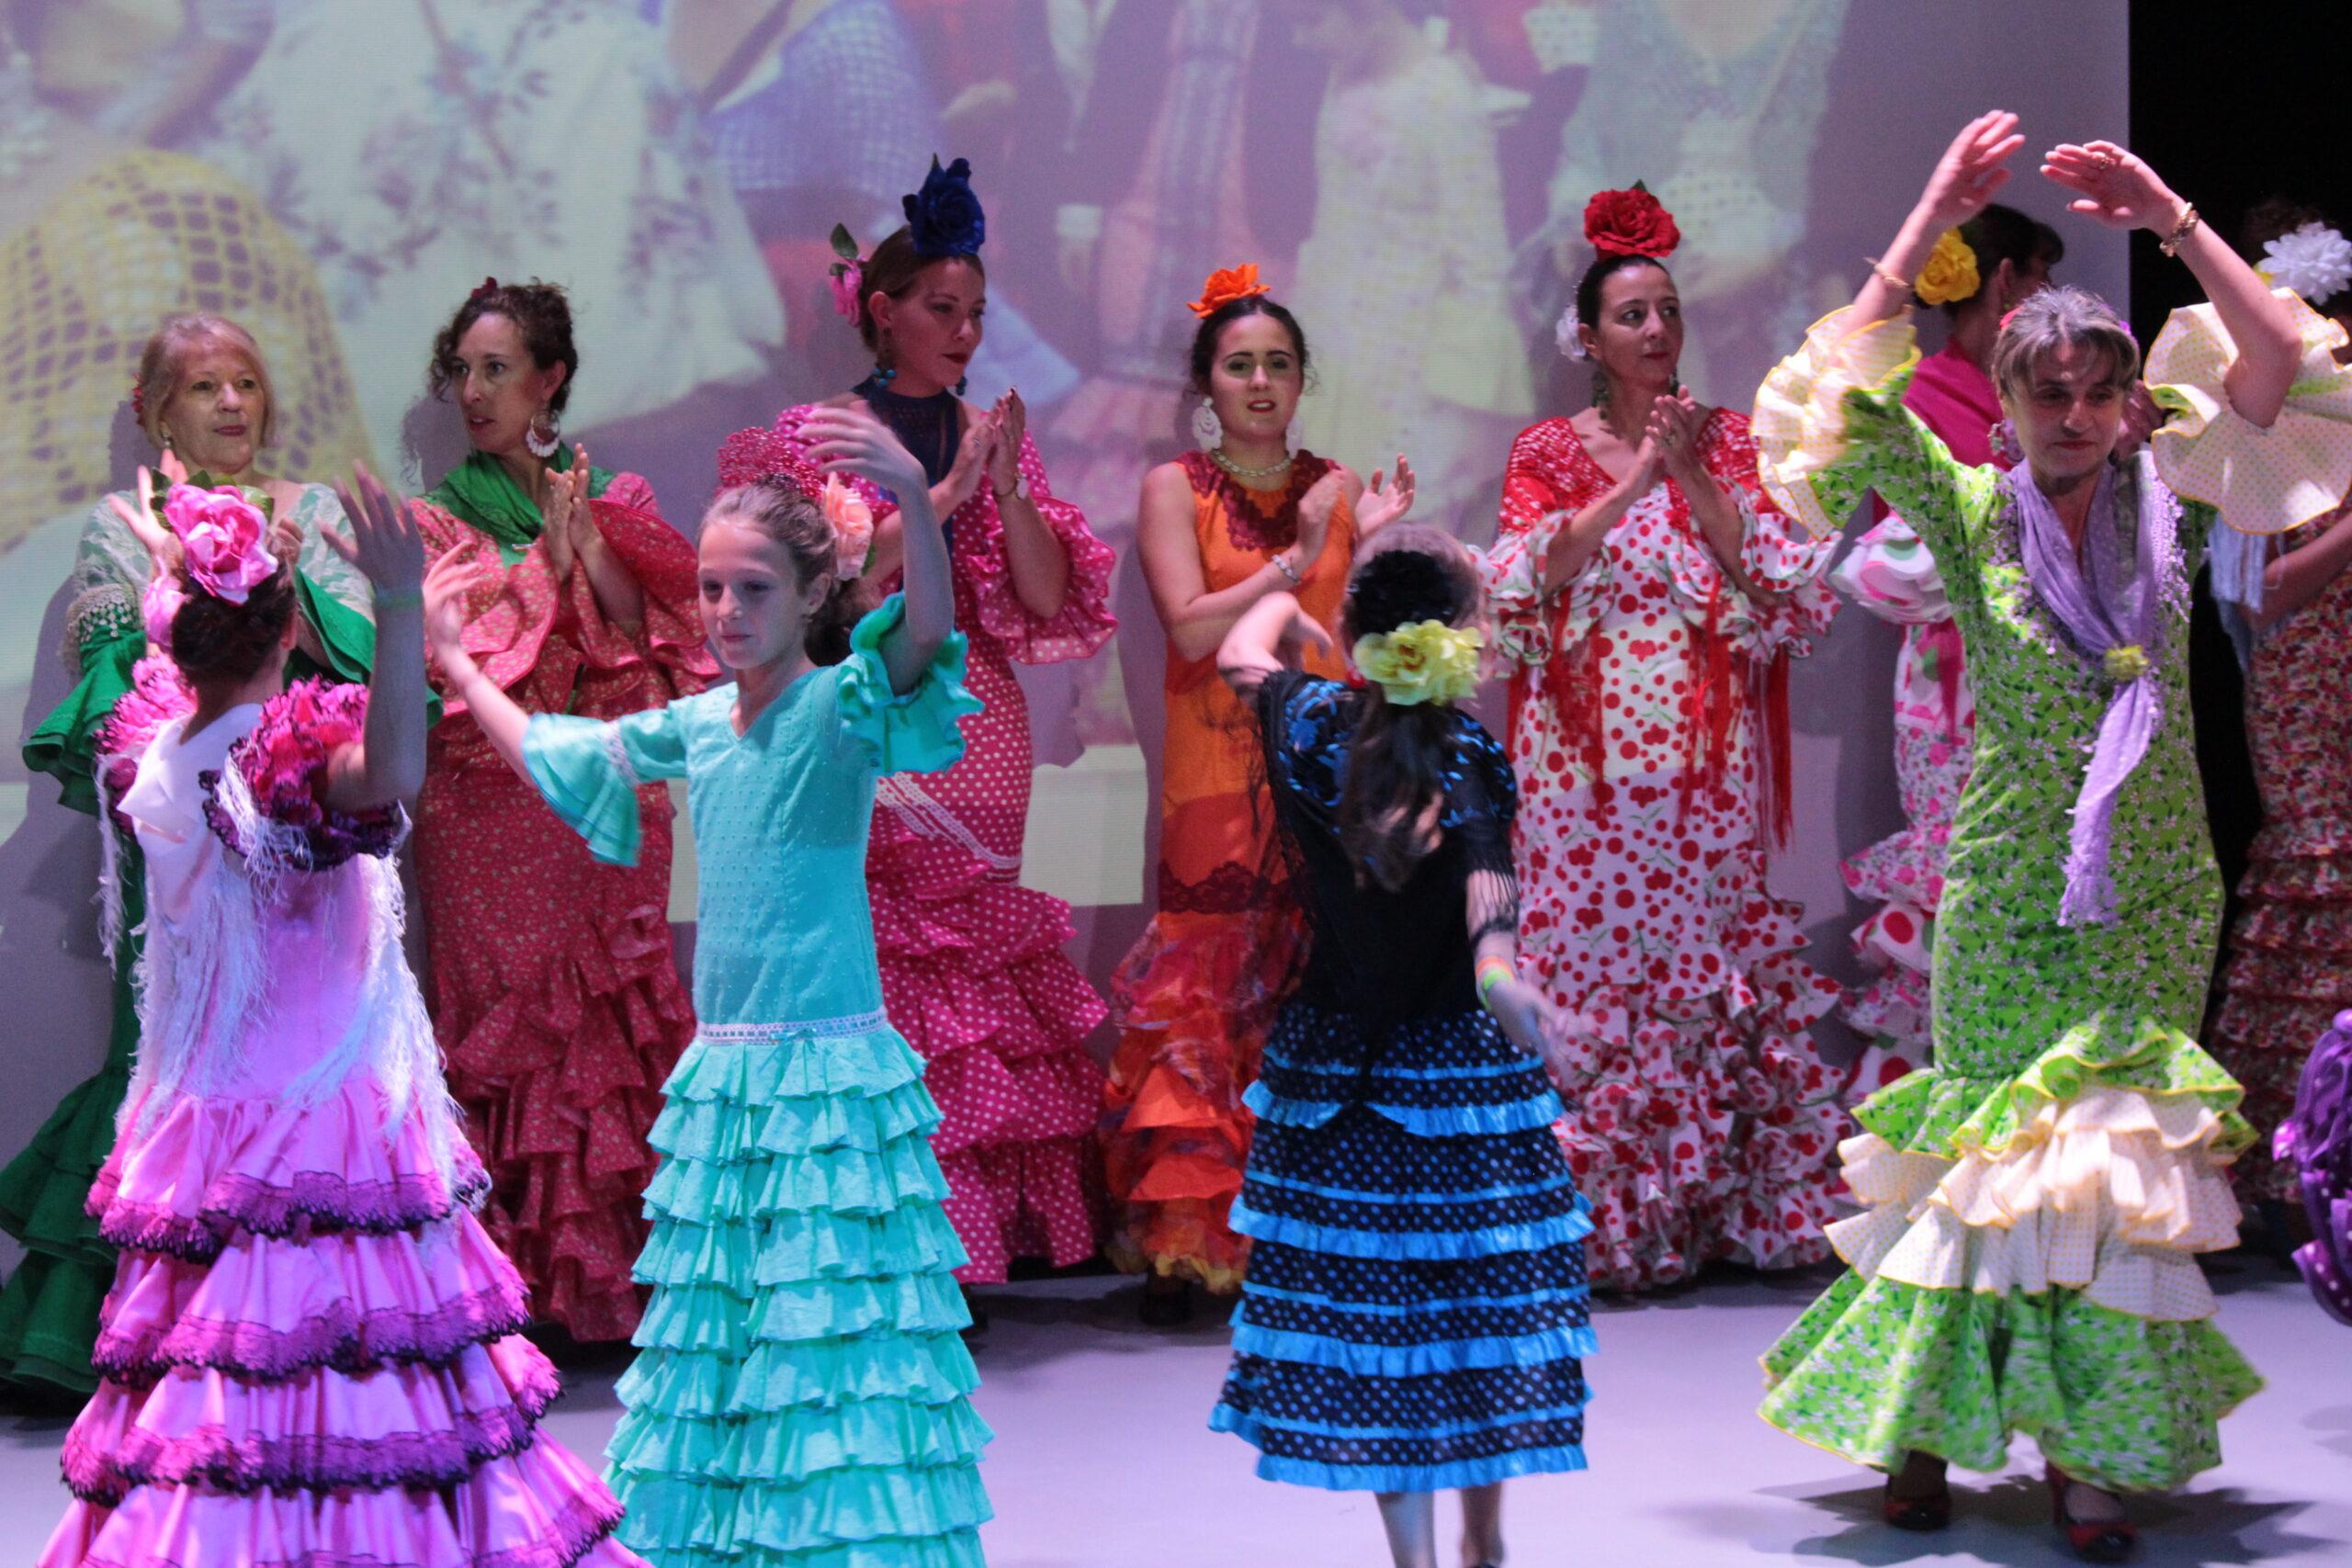 Spectacle de danses espagnoles.